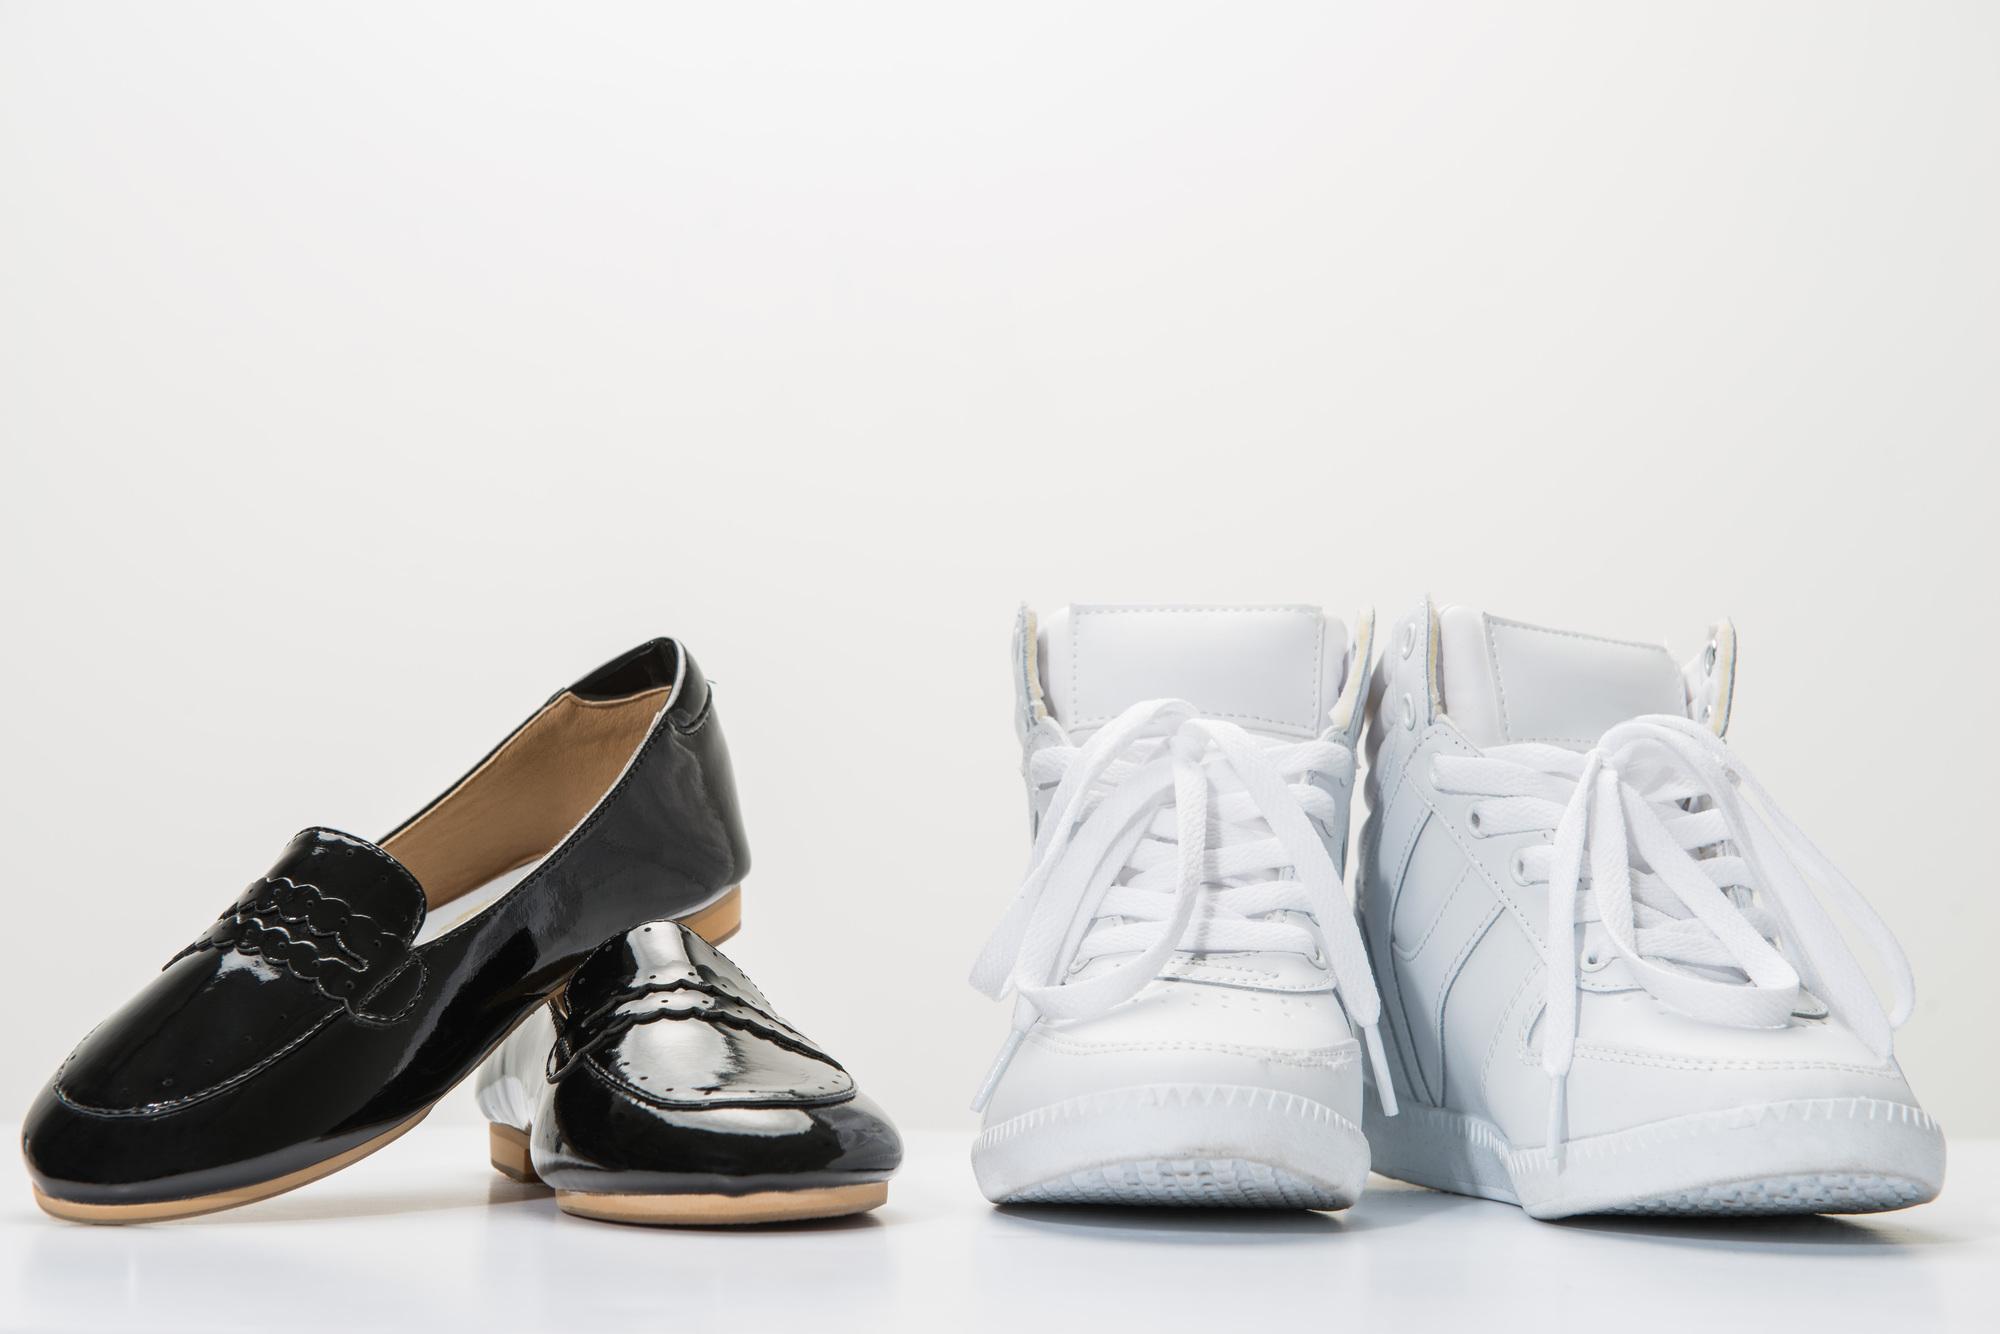 おしゃれ靴とファッション スニーカーの写真